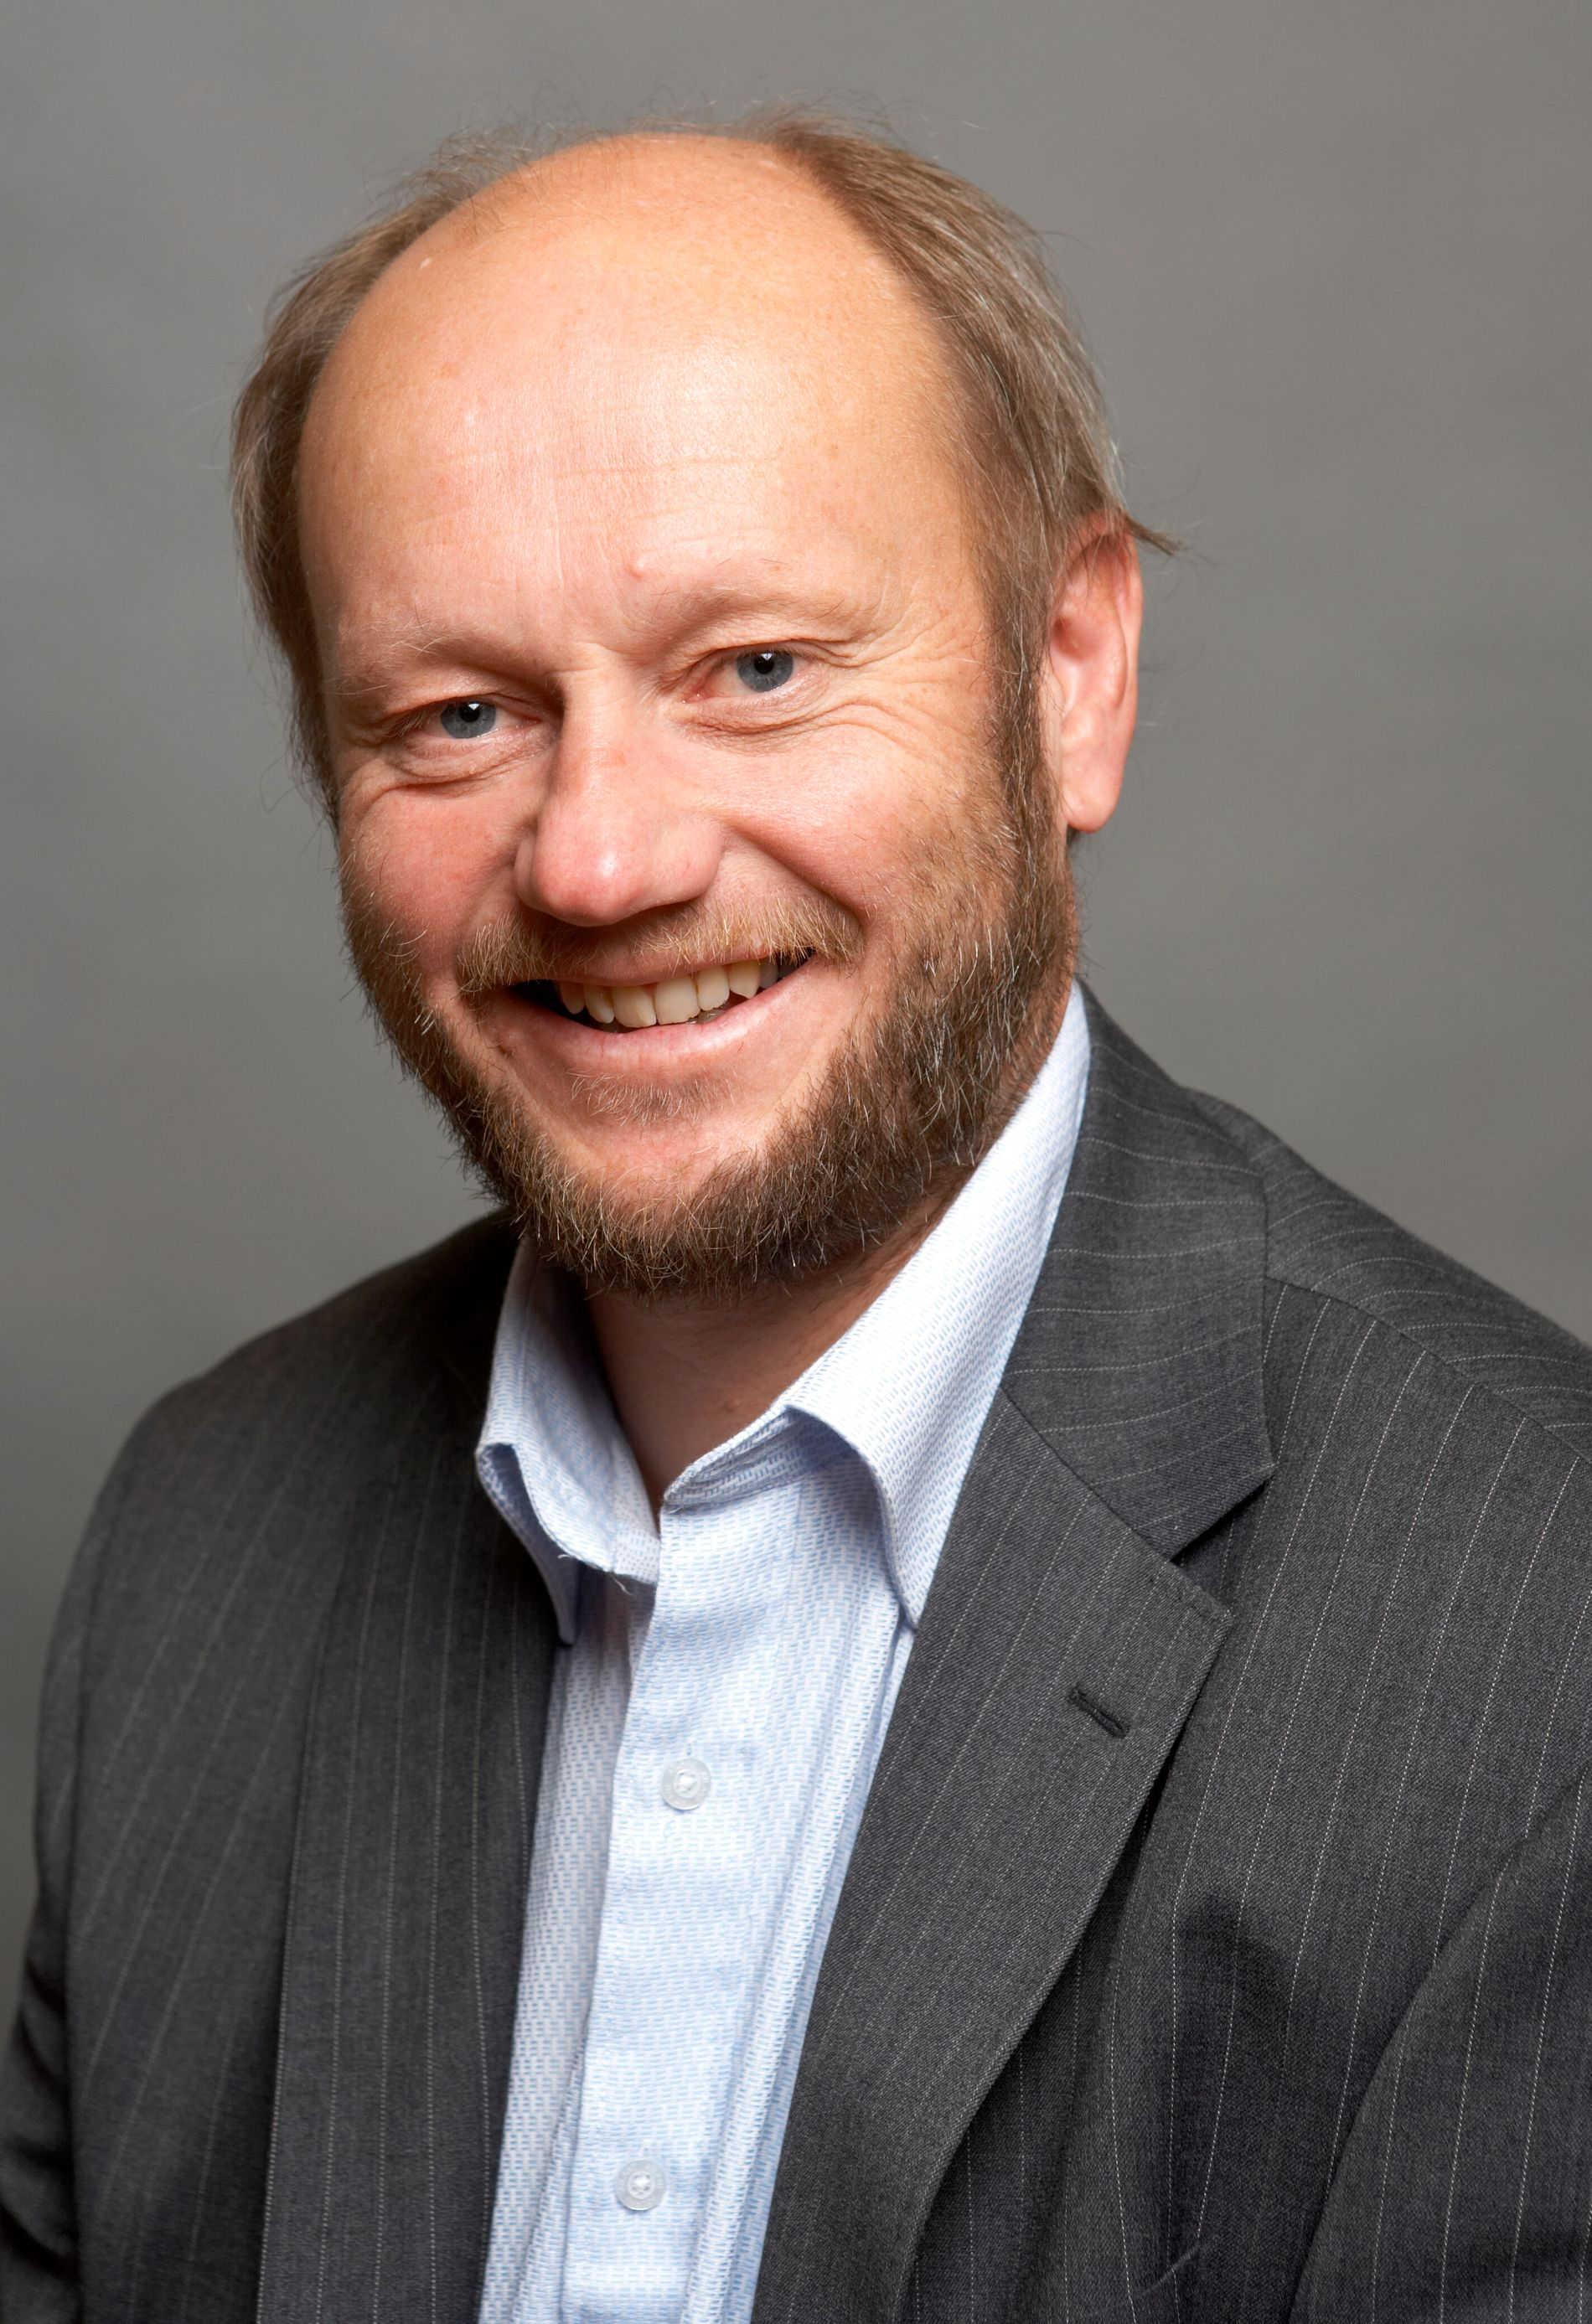 TURISME: Det må satses hardere for å få turistene som faktisk genuint bryr seg om norsk natur til Norge, mener administrerende direktør i Norsk Industri, Stein Lier-Hansen.